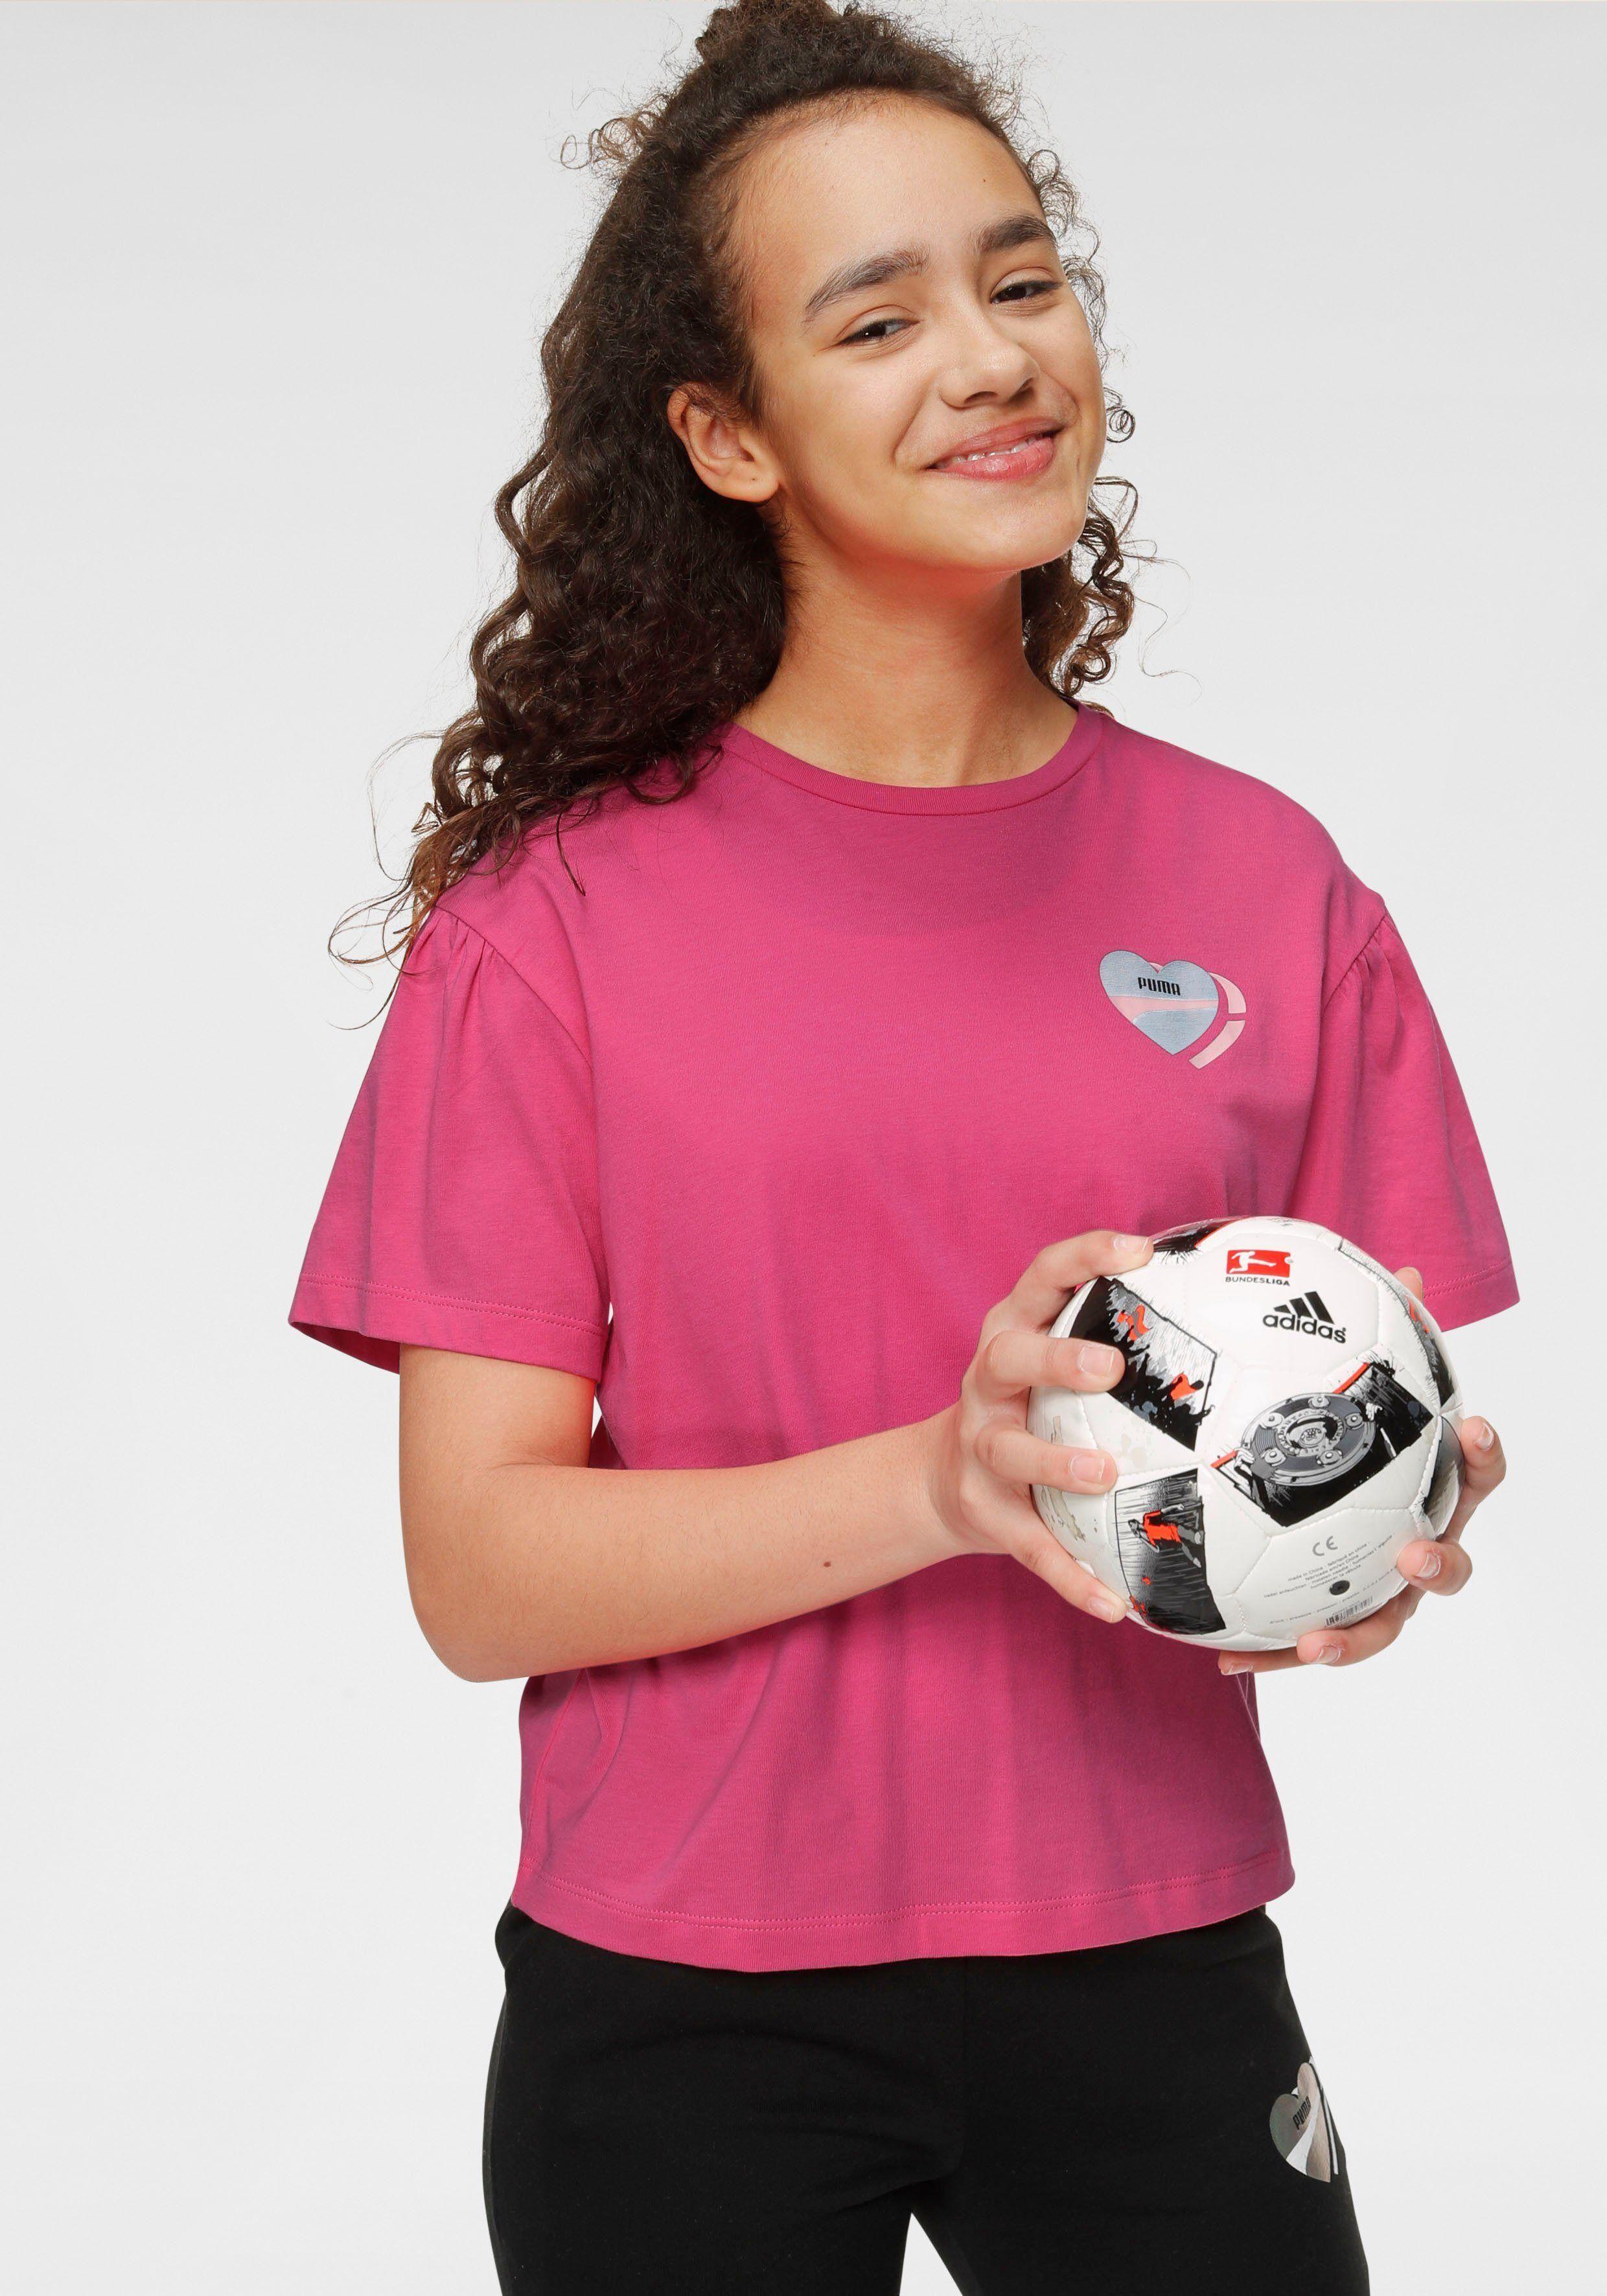 Puma T-Shirt »ALPHA STYLE TEE GIRLS«, pink